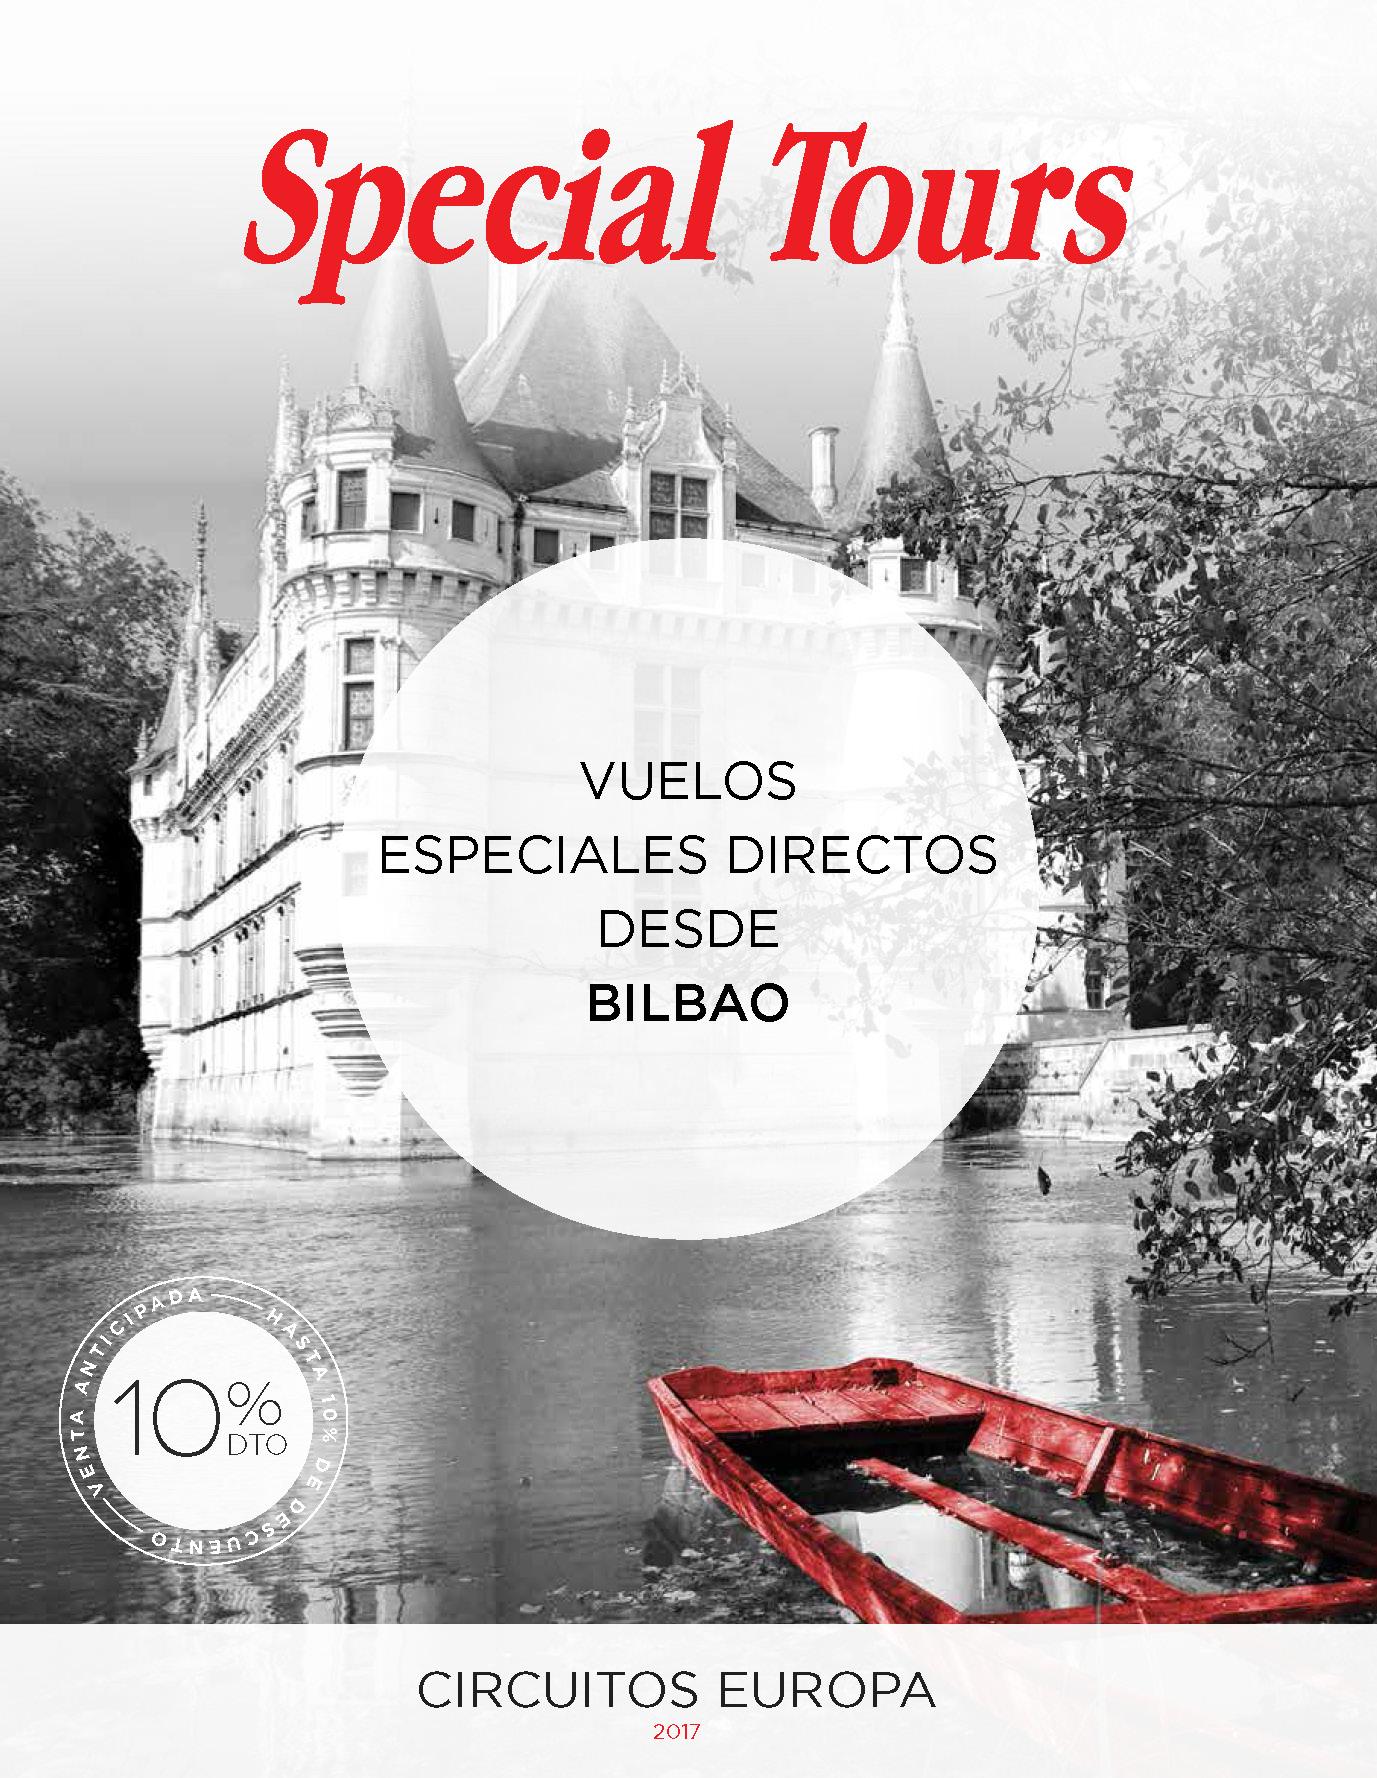 Folleto Special Tours Verano 2017 salidas vuelo directo desde Bilbao